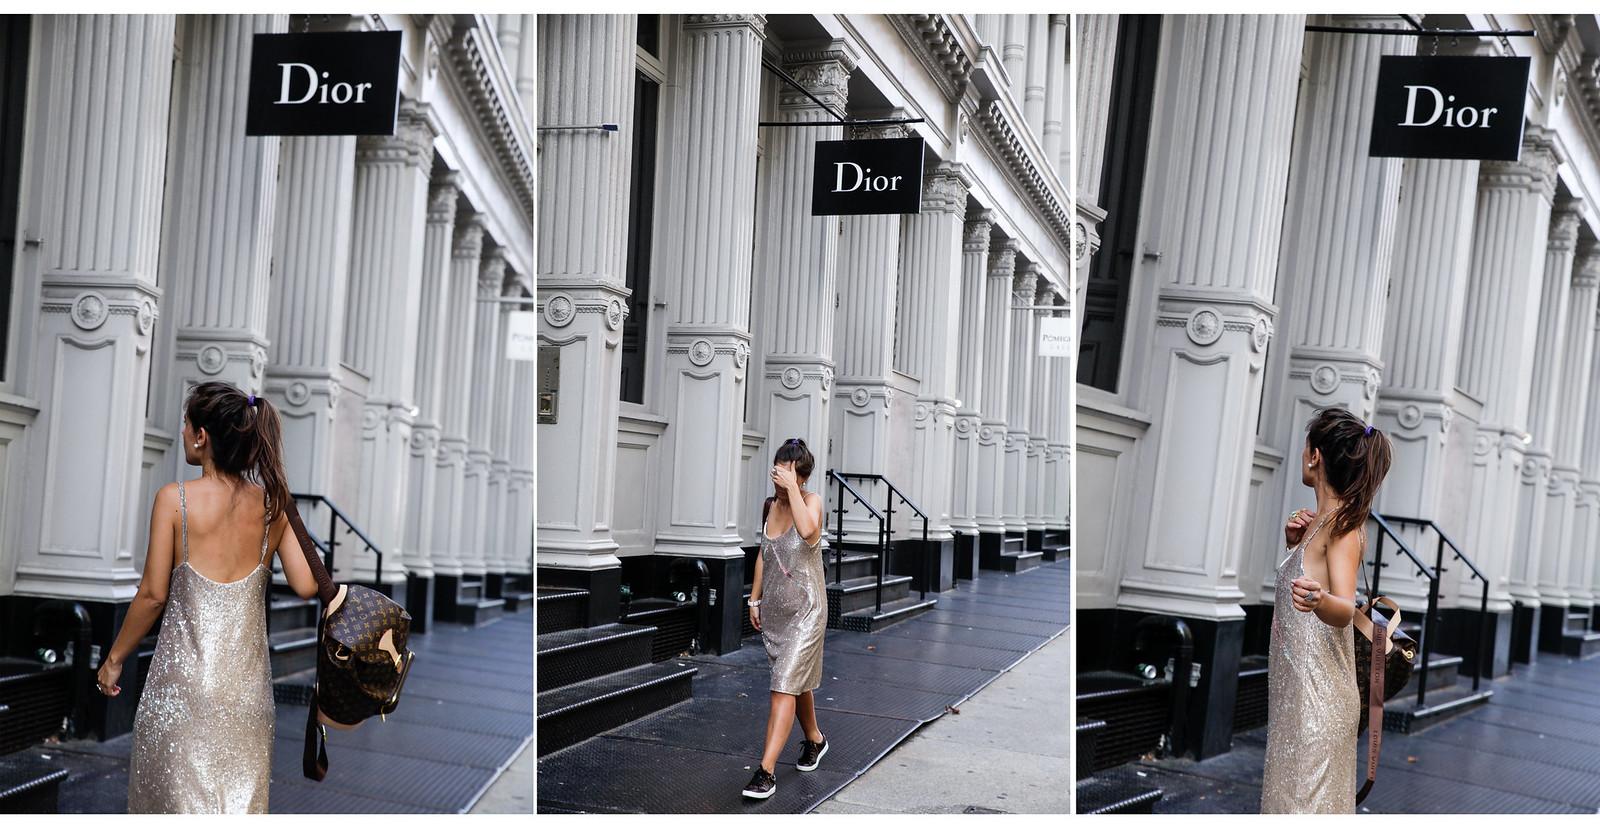 04_vestido_lentejuelas_casual_look_theguestgirl_nyc_fashion_show